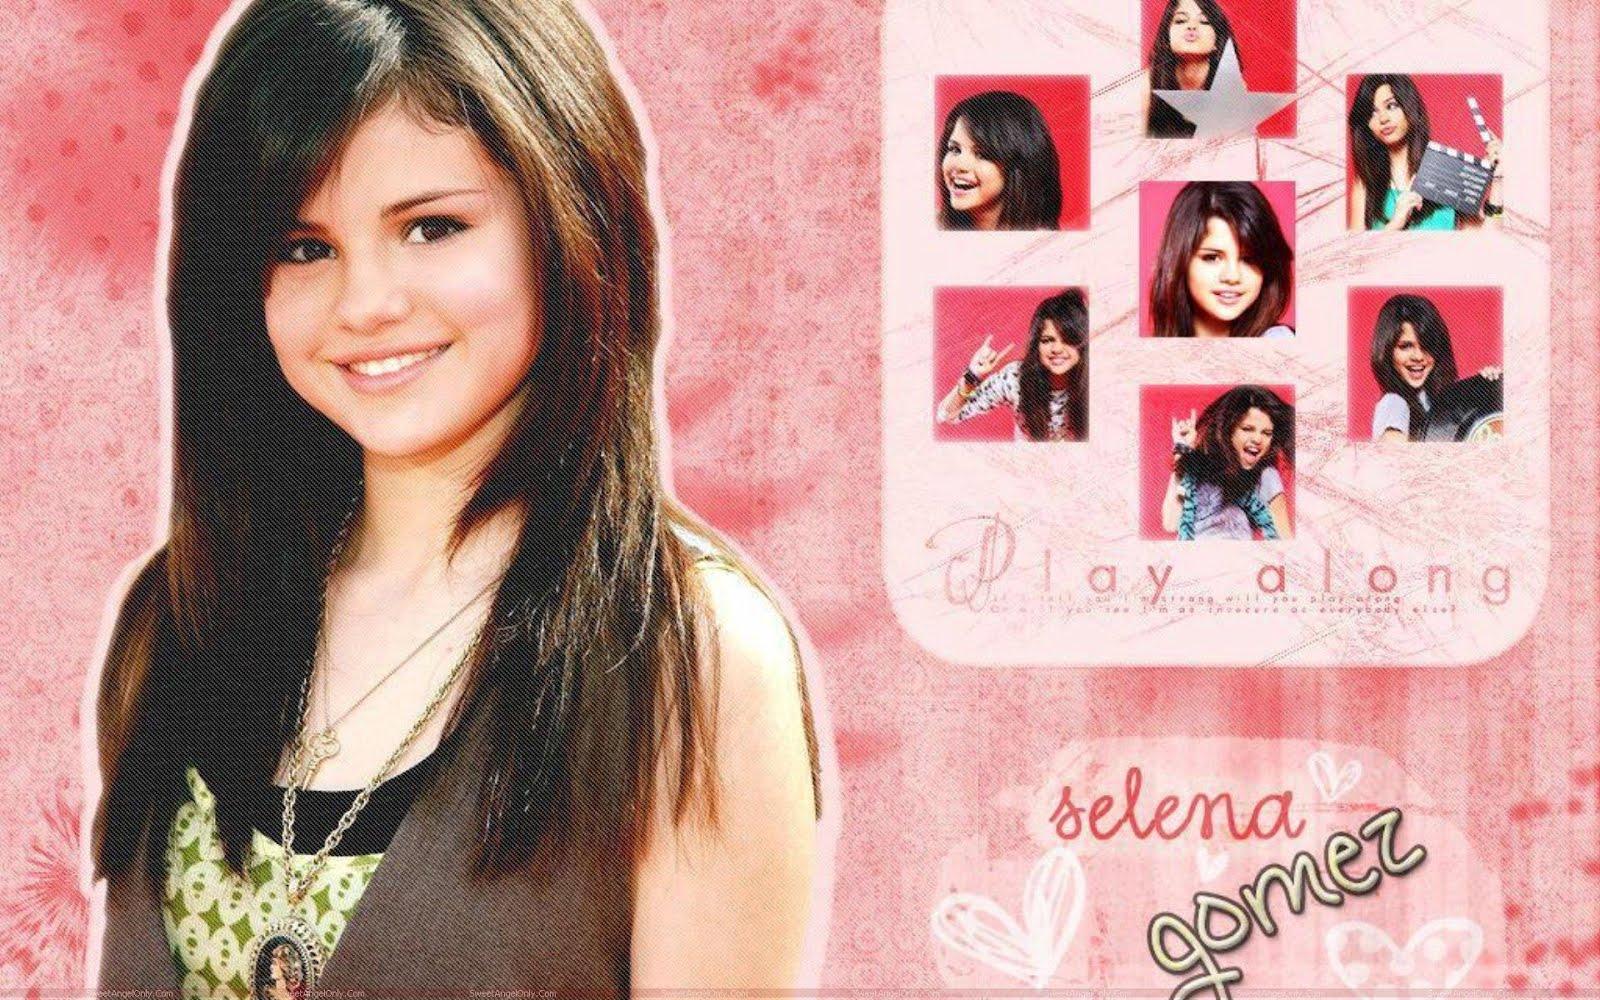 http://2.bp.blogspot.com/-osvRnJOQHZo/T5LFnbo88NI/AAAAAAAAE8w/WeBBRZTWZh8/s1600/Selena_Gomez_Desktop_HD_Wallpaper-%2B%25286%2529.jpg